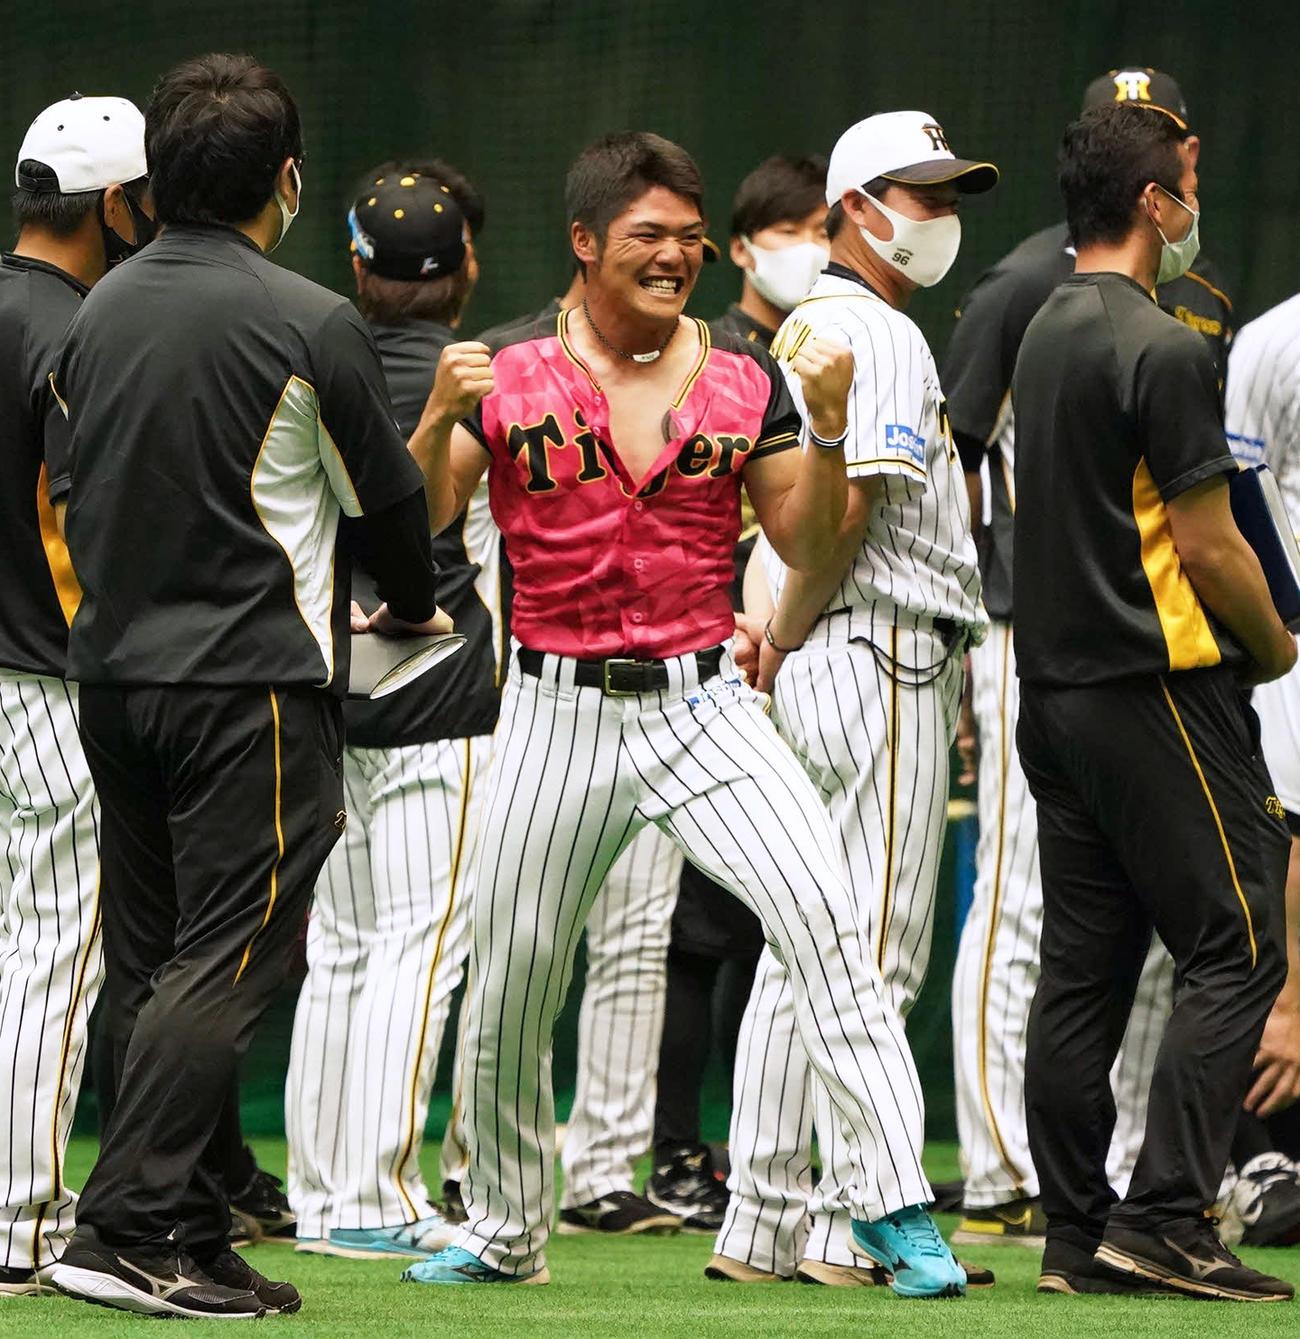 25日、一日主将のあいさつで小野寺は北川コーチのサヨナラ本塁打の場面をまねる(撮影・清水貴仁)